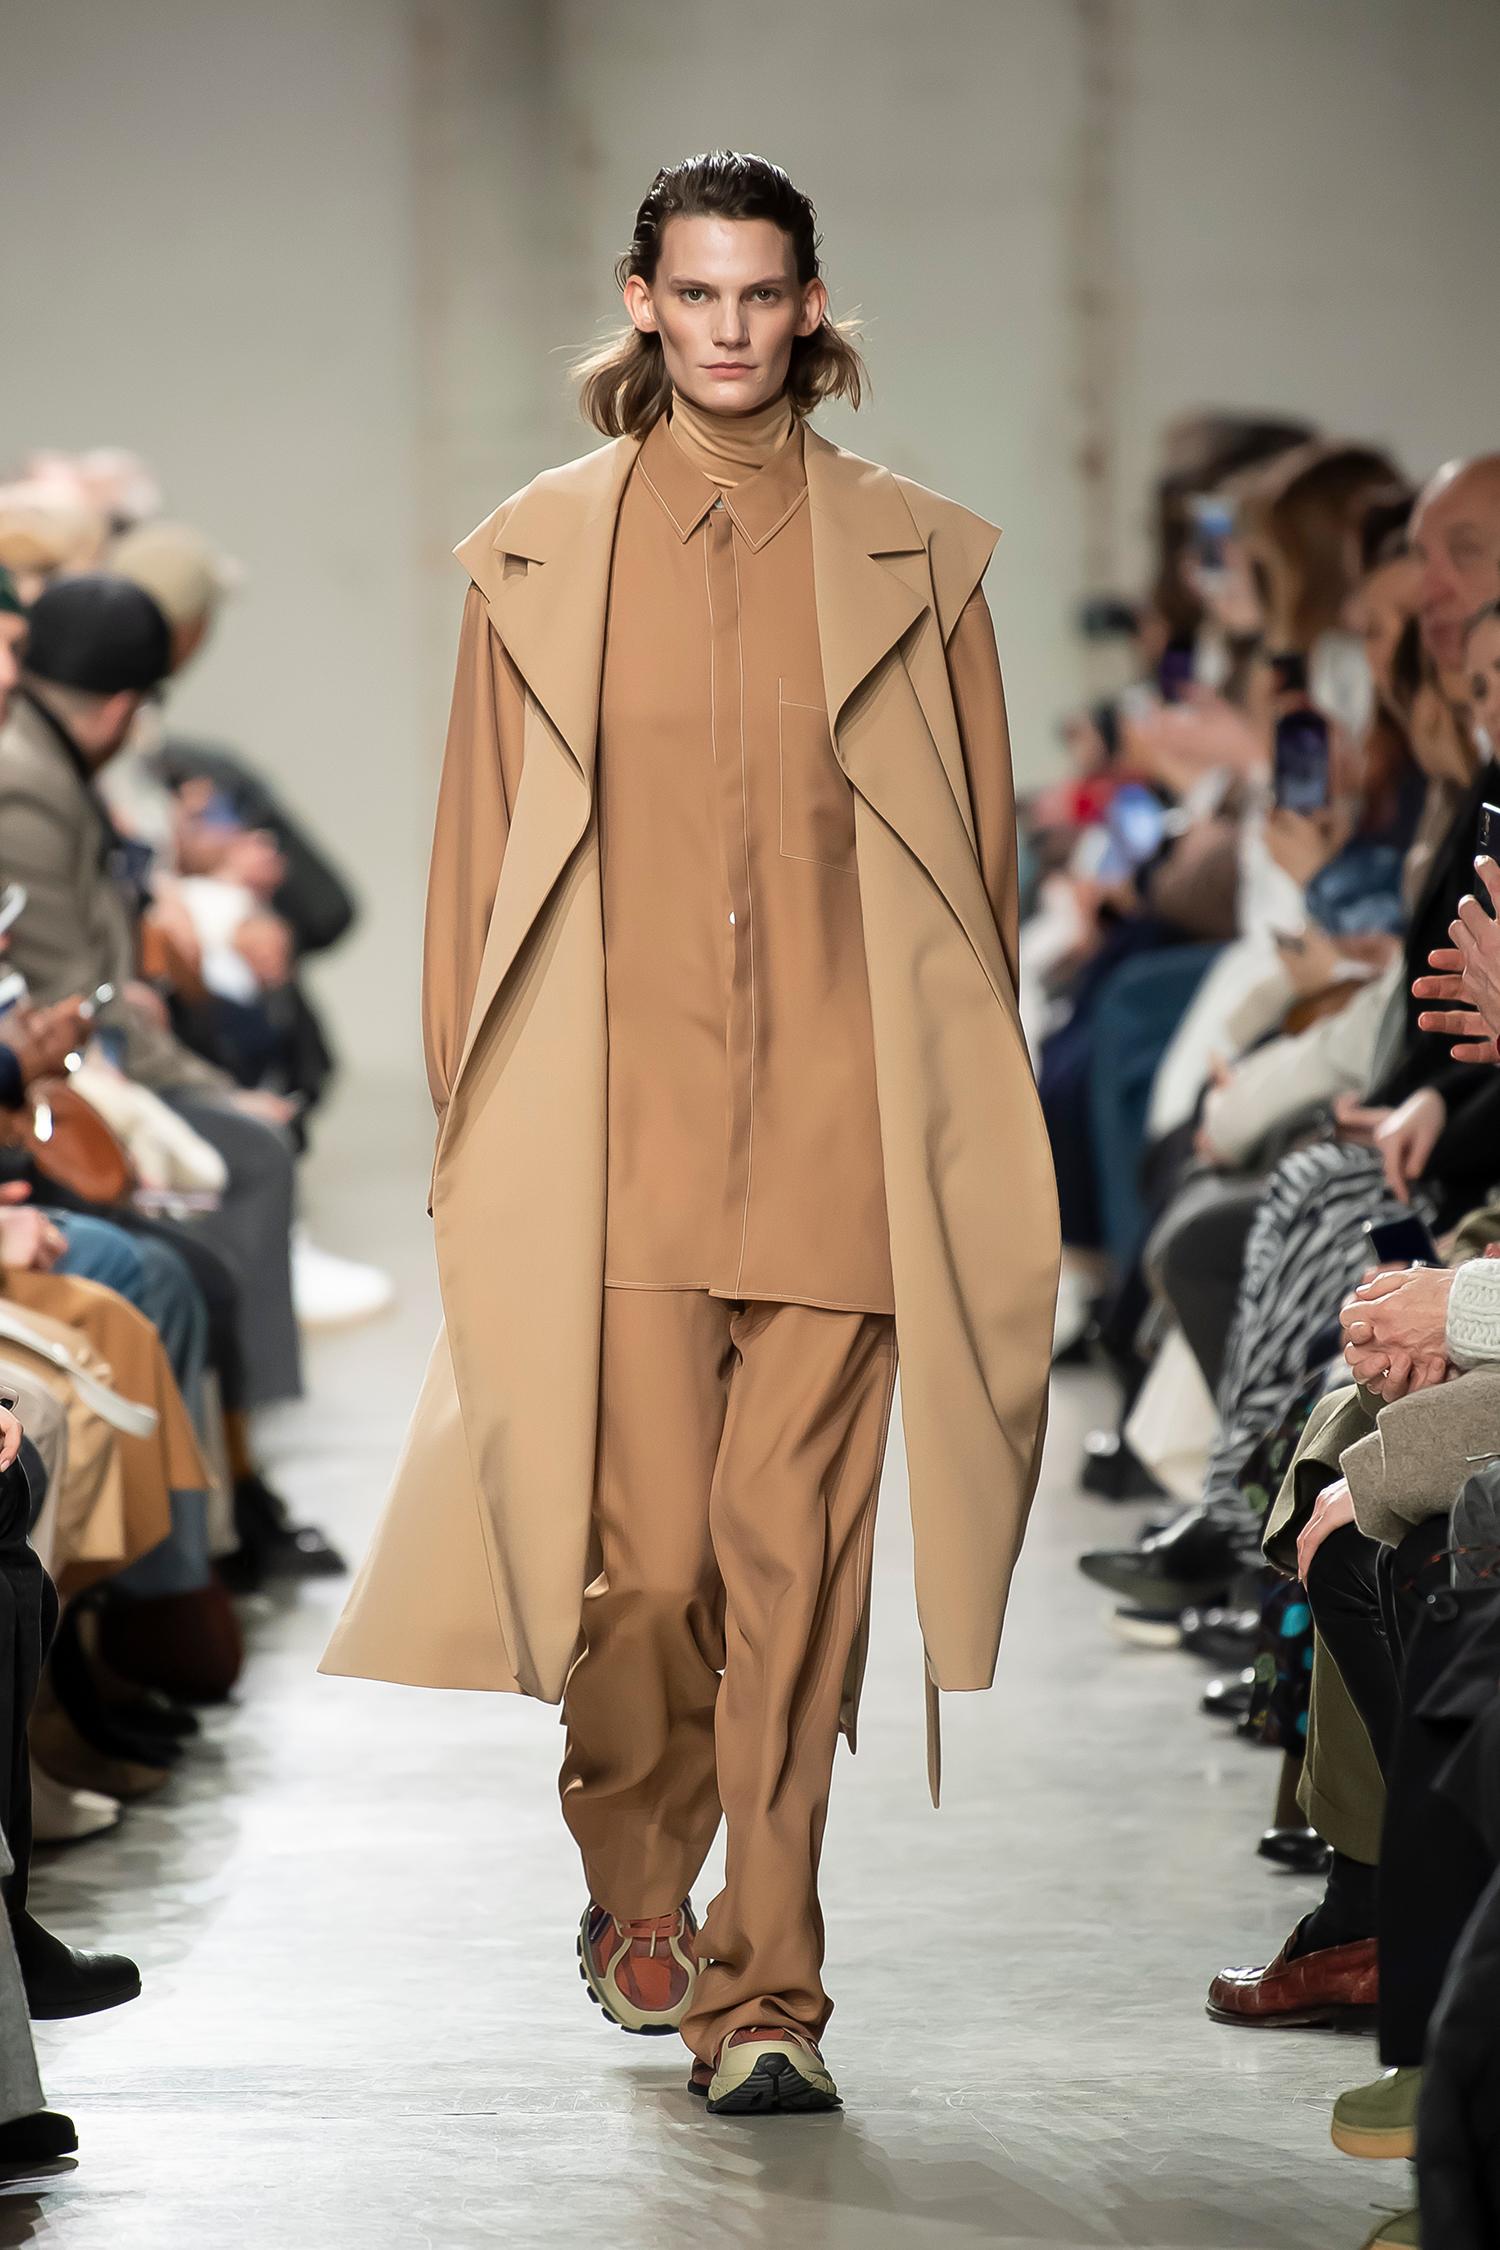 LOOK 12 Coat RAIN Top ROSA Shirt RIM Trousers RILLA